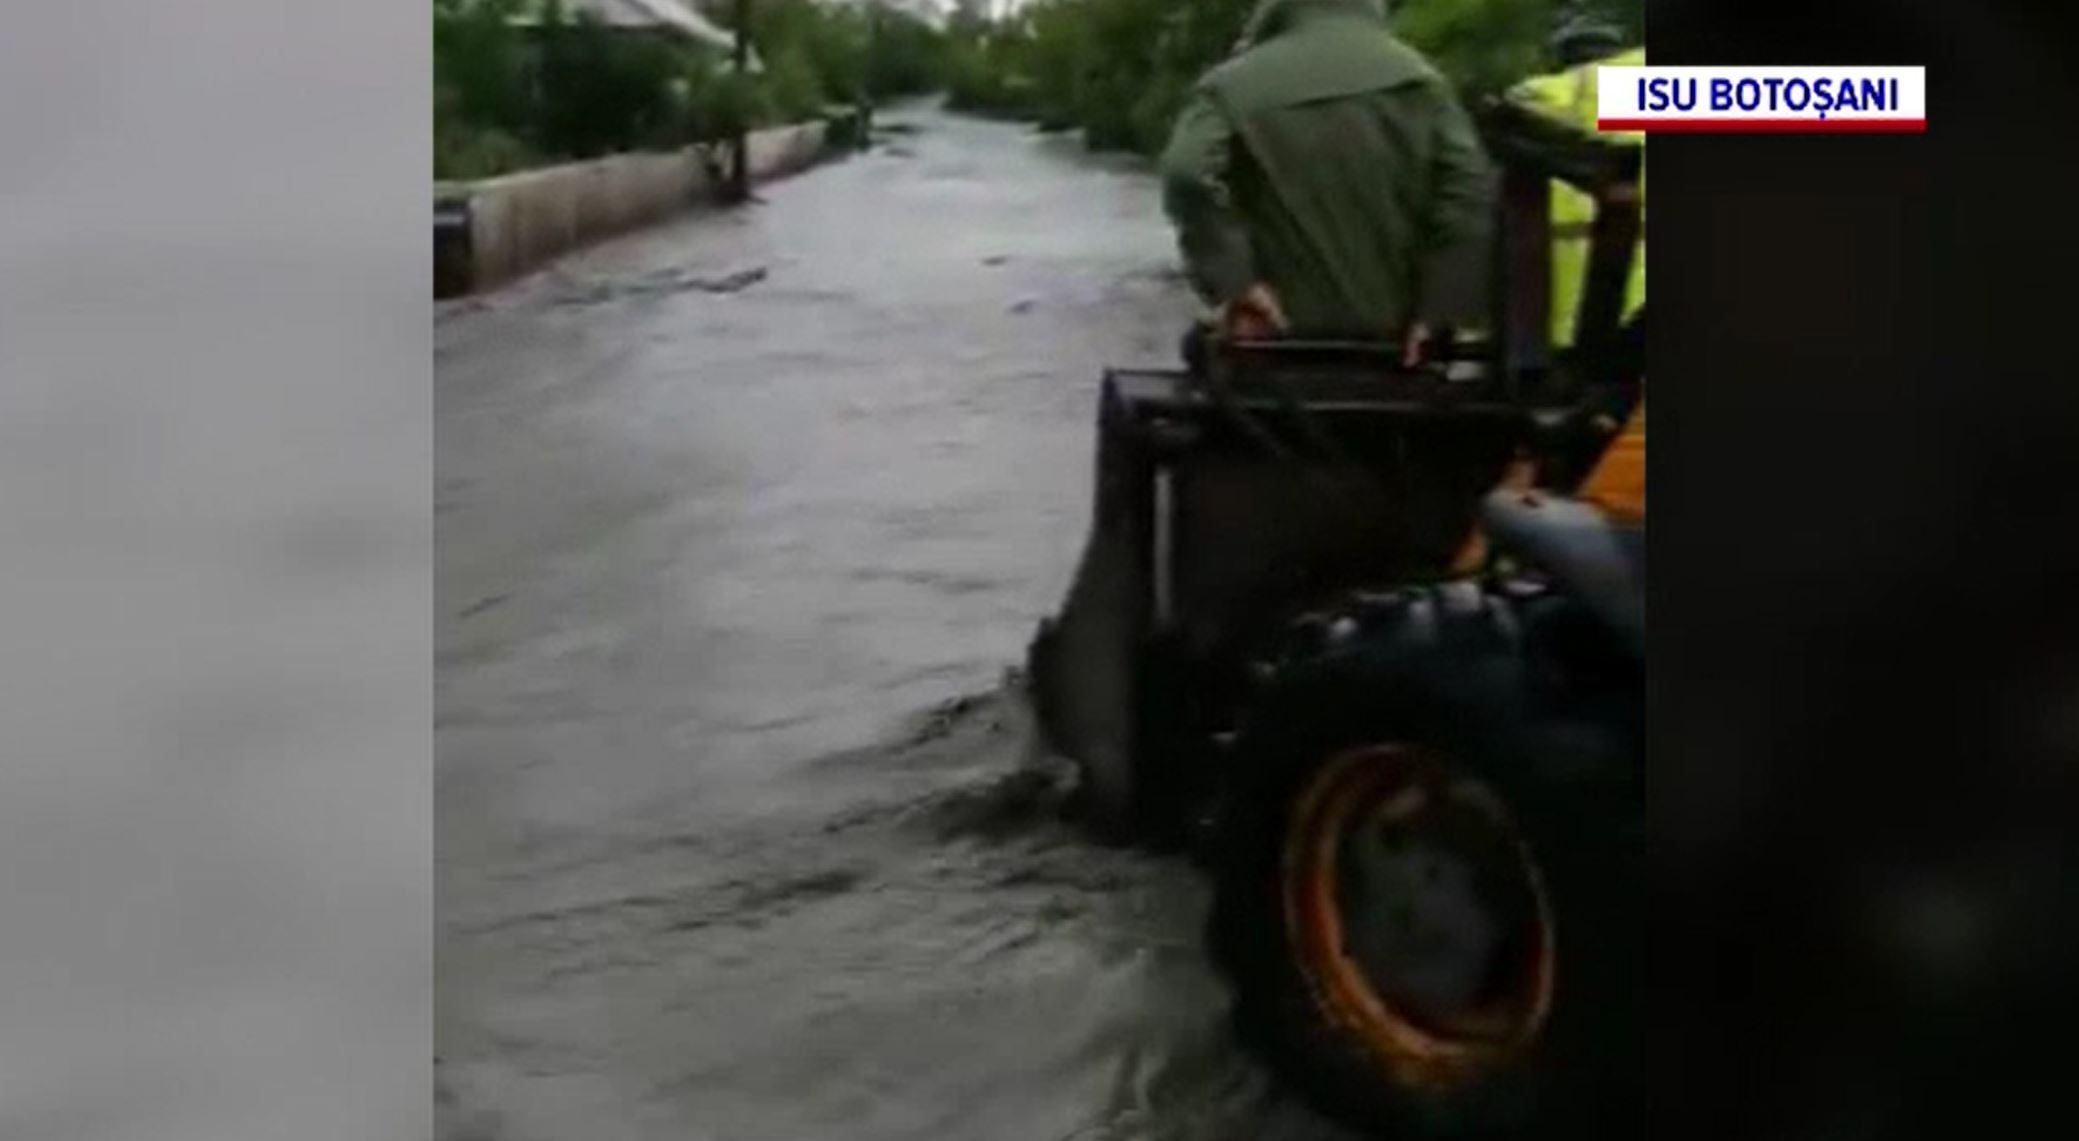 Inundațiile au făcut prăpăd în mai multe zone din țară. Un tânăr a murit în Mureș după ce a fost luat de ape